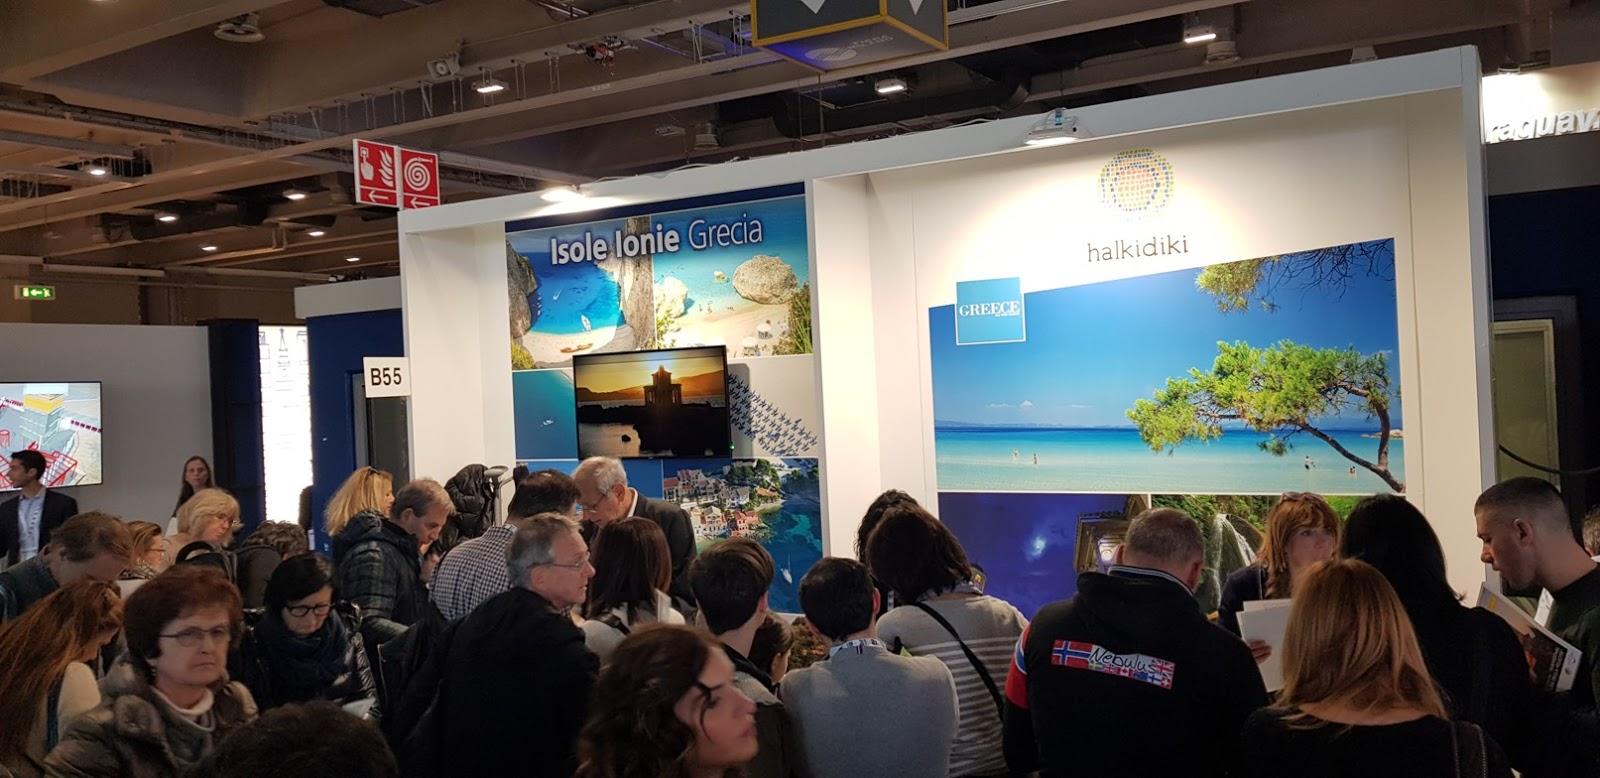 BIT ΜΙΛΑΝΟ 2020: Επιβεβαιώθηκε το μεγάλο ενδιαφέρον των Ιταλών για την Χαλκιδική